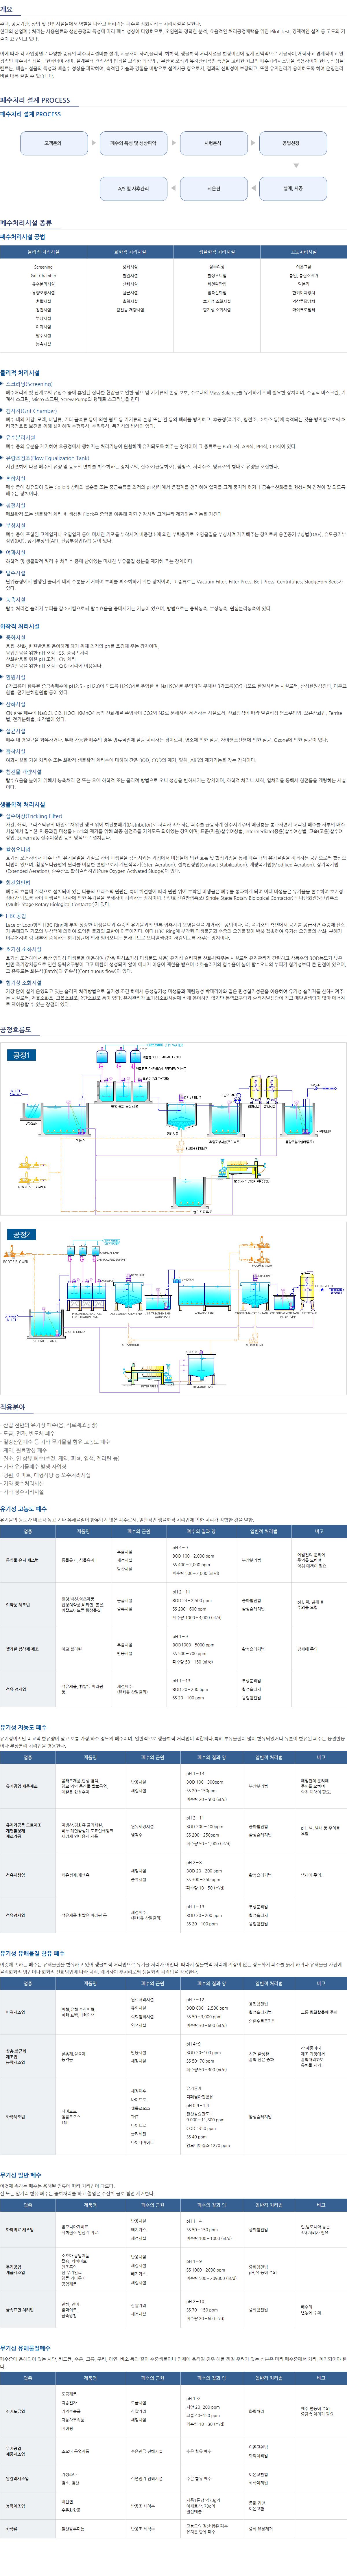 (주)신성플랜트 수질오염방지시설